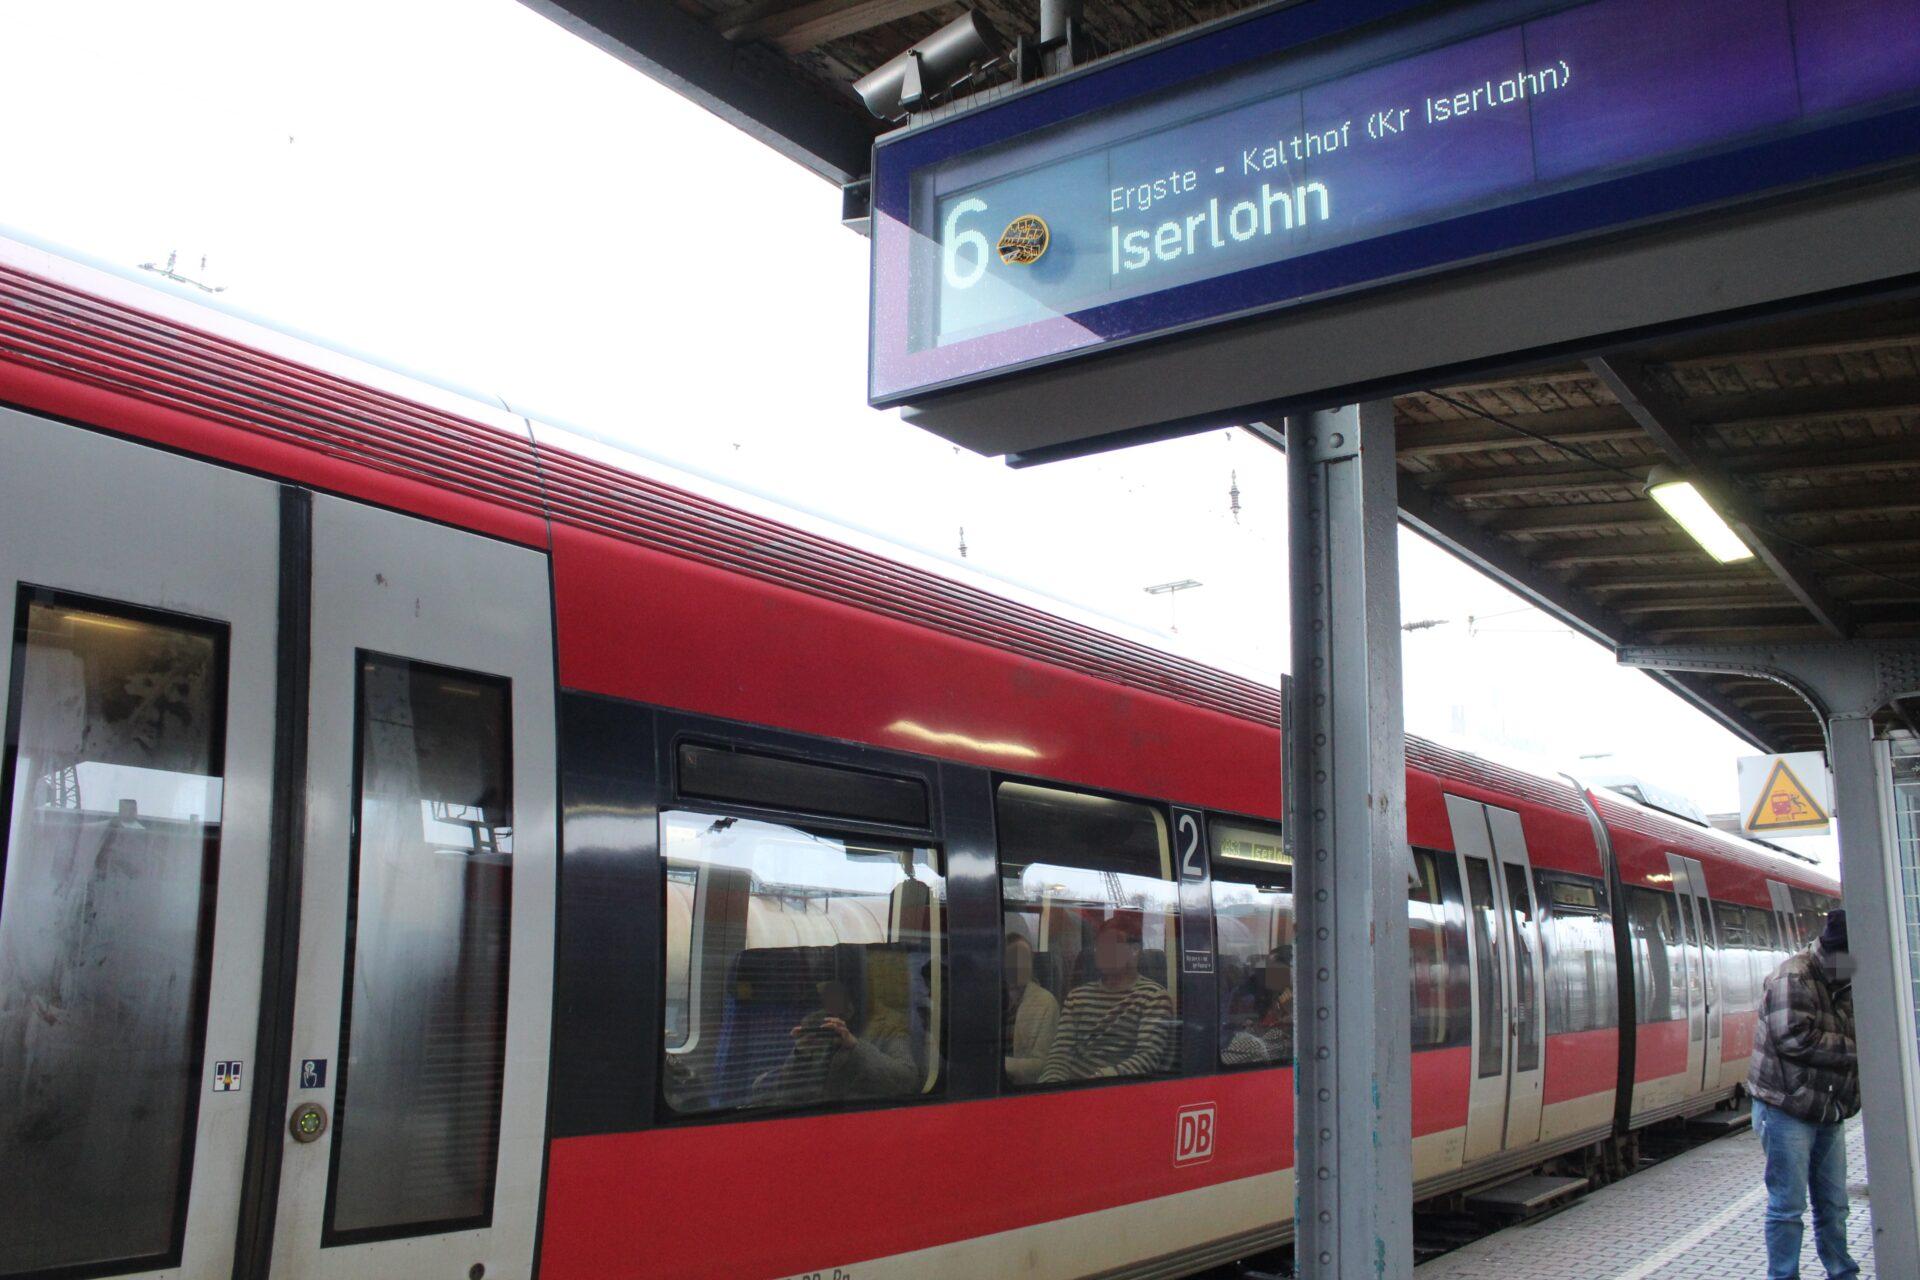 RB 53: Busse statt Bahnen zwischen Iserlohn und Schwerte